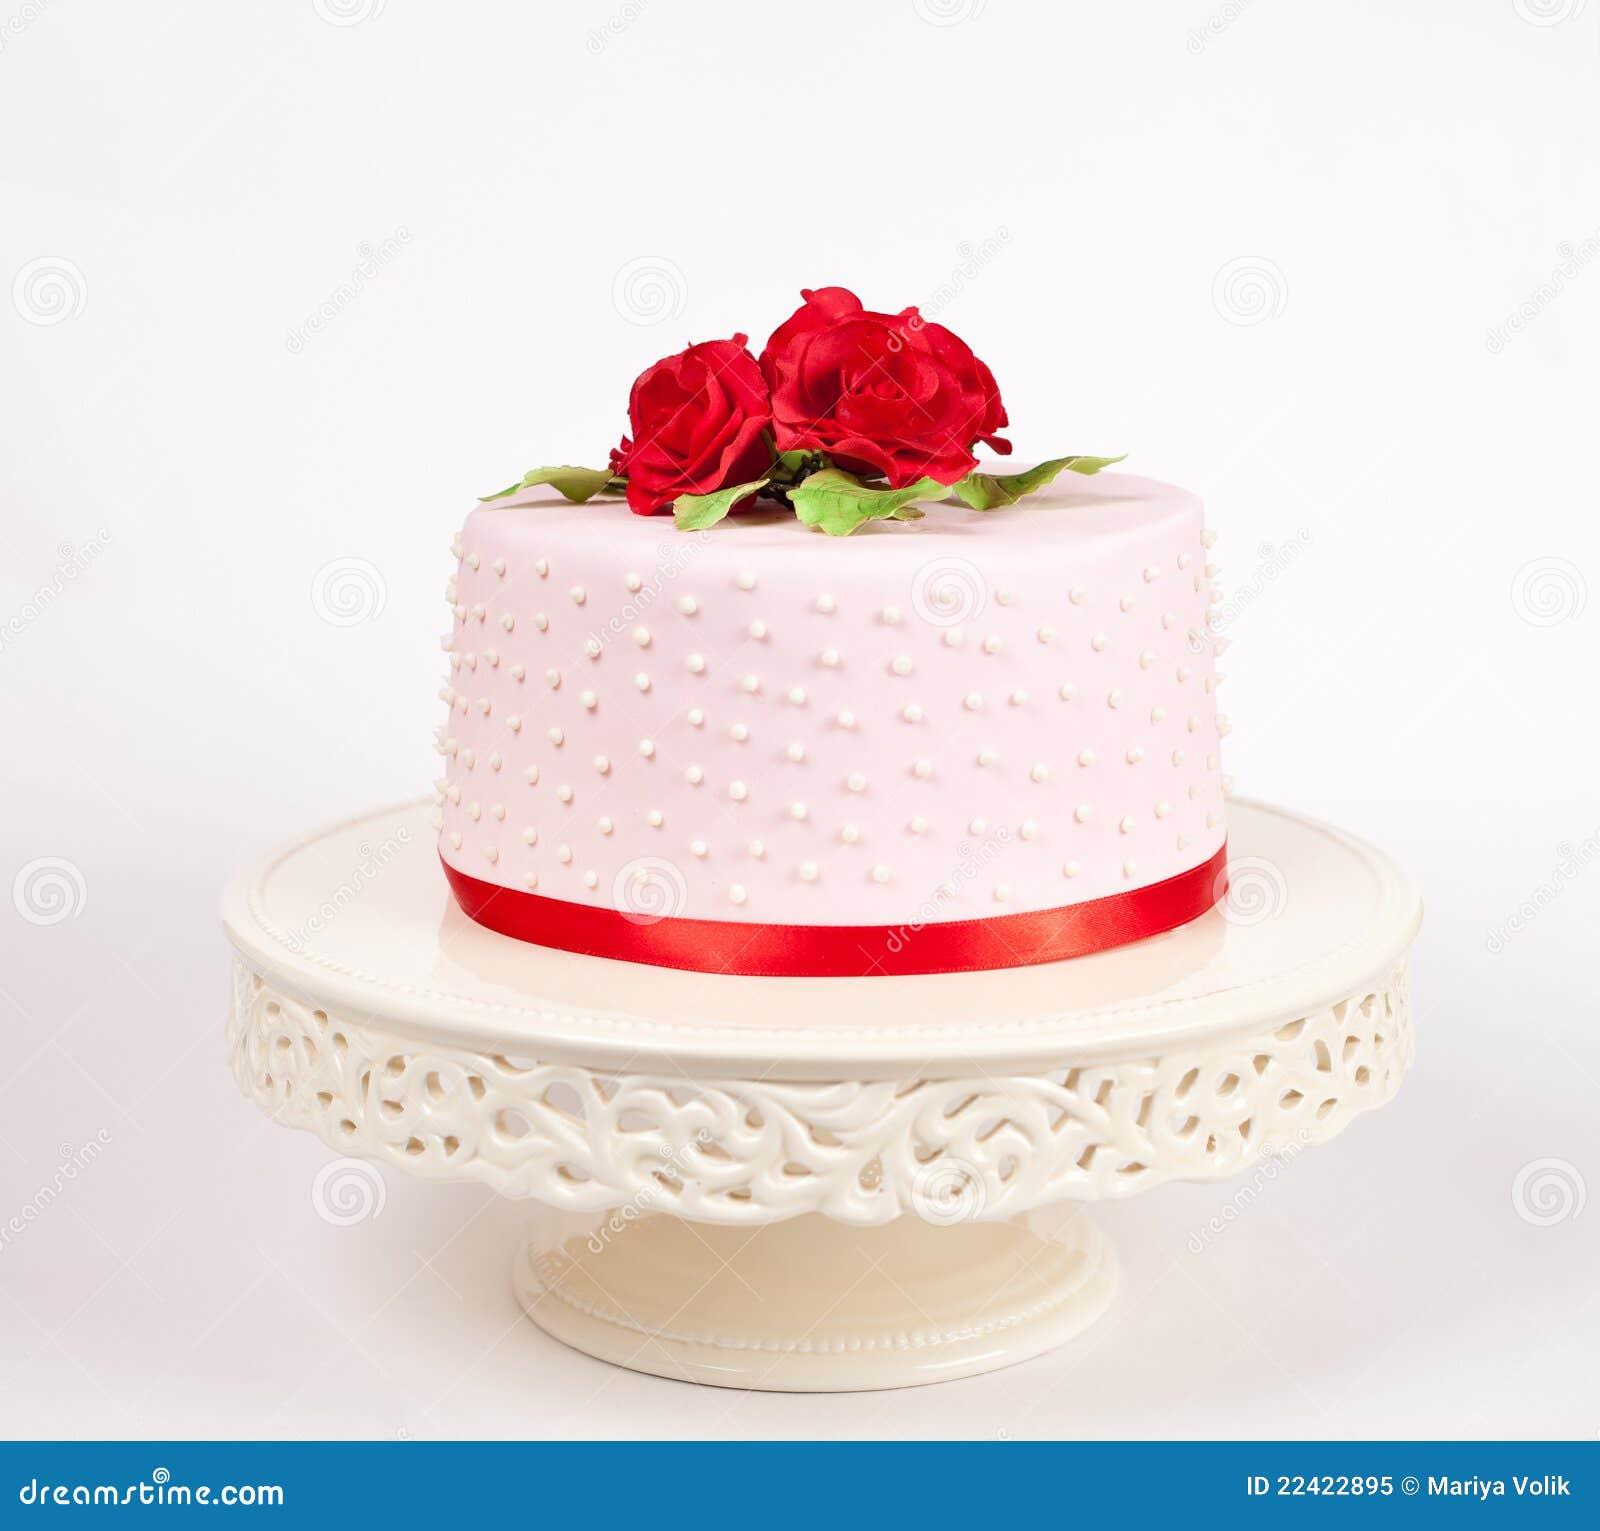 Bolo Manchado Com Rosas Vermelhas Foto De Stock Royalty Free